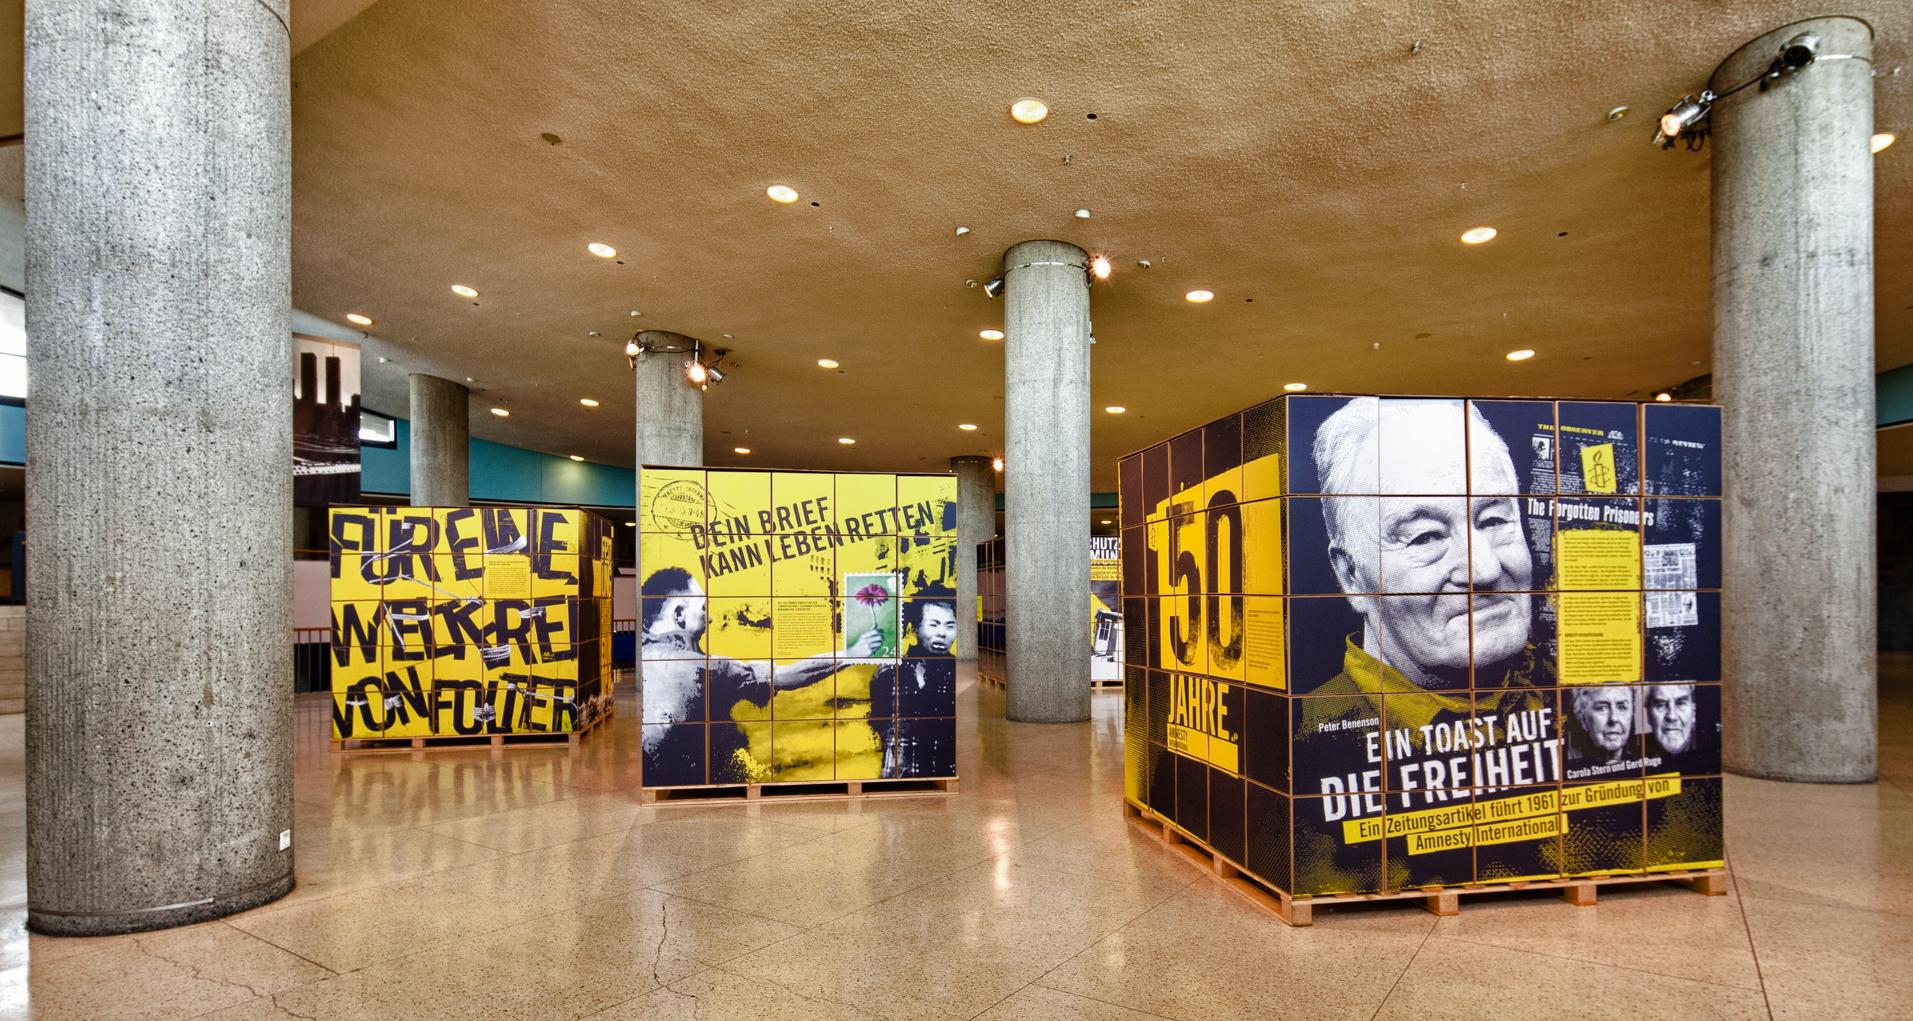 50 Years of Amnesty International, exhibition at the Haus der Kulturen der Welt, Berlin